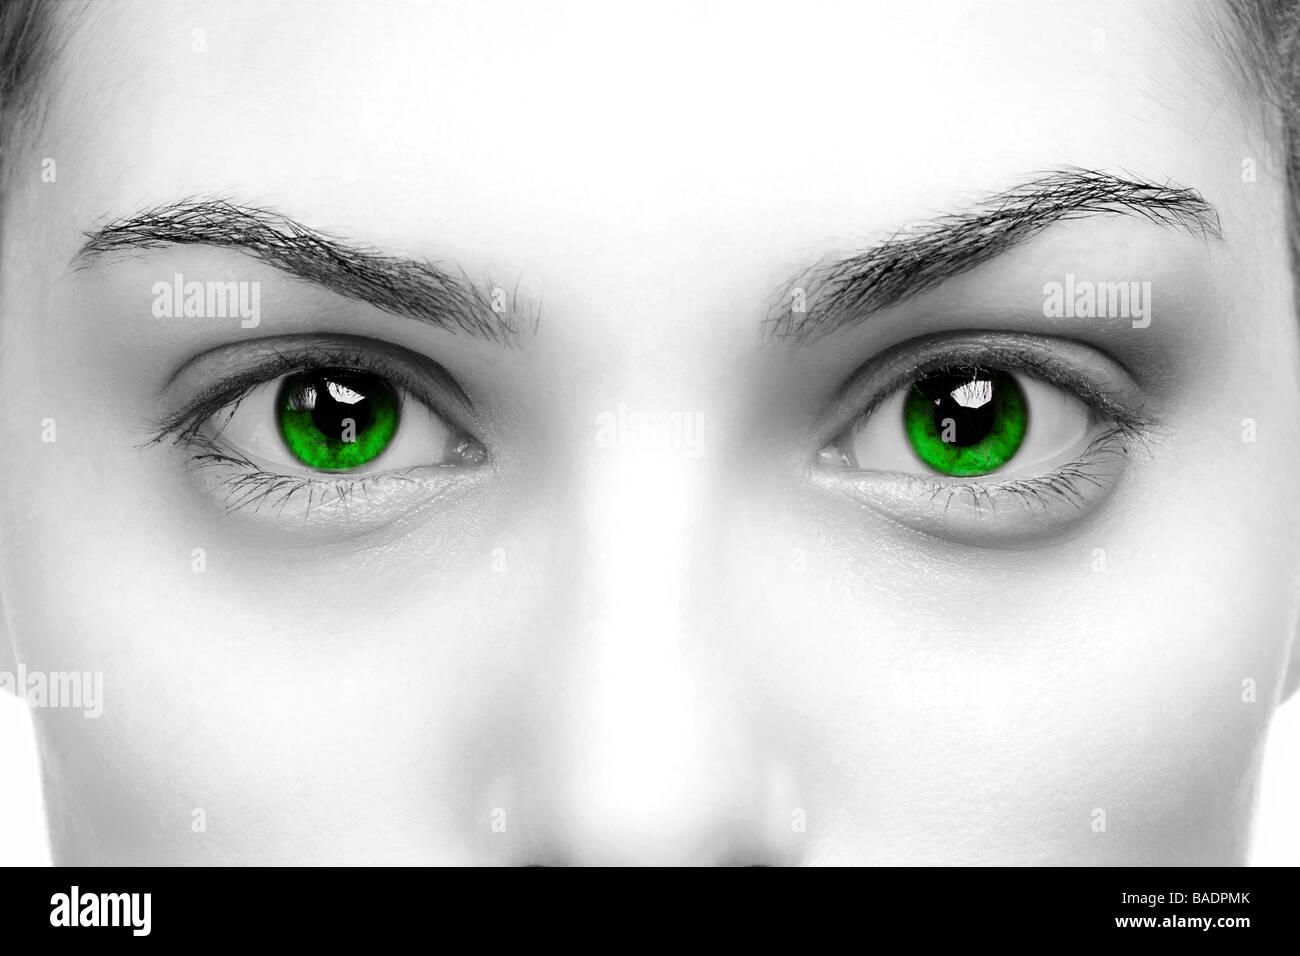 Hoher Kontrast Schwarz weiß Nahaufnahme von einem Womans Augen grün gefärbt Stockbild